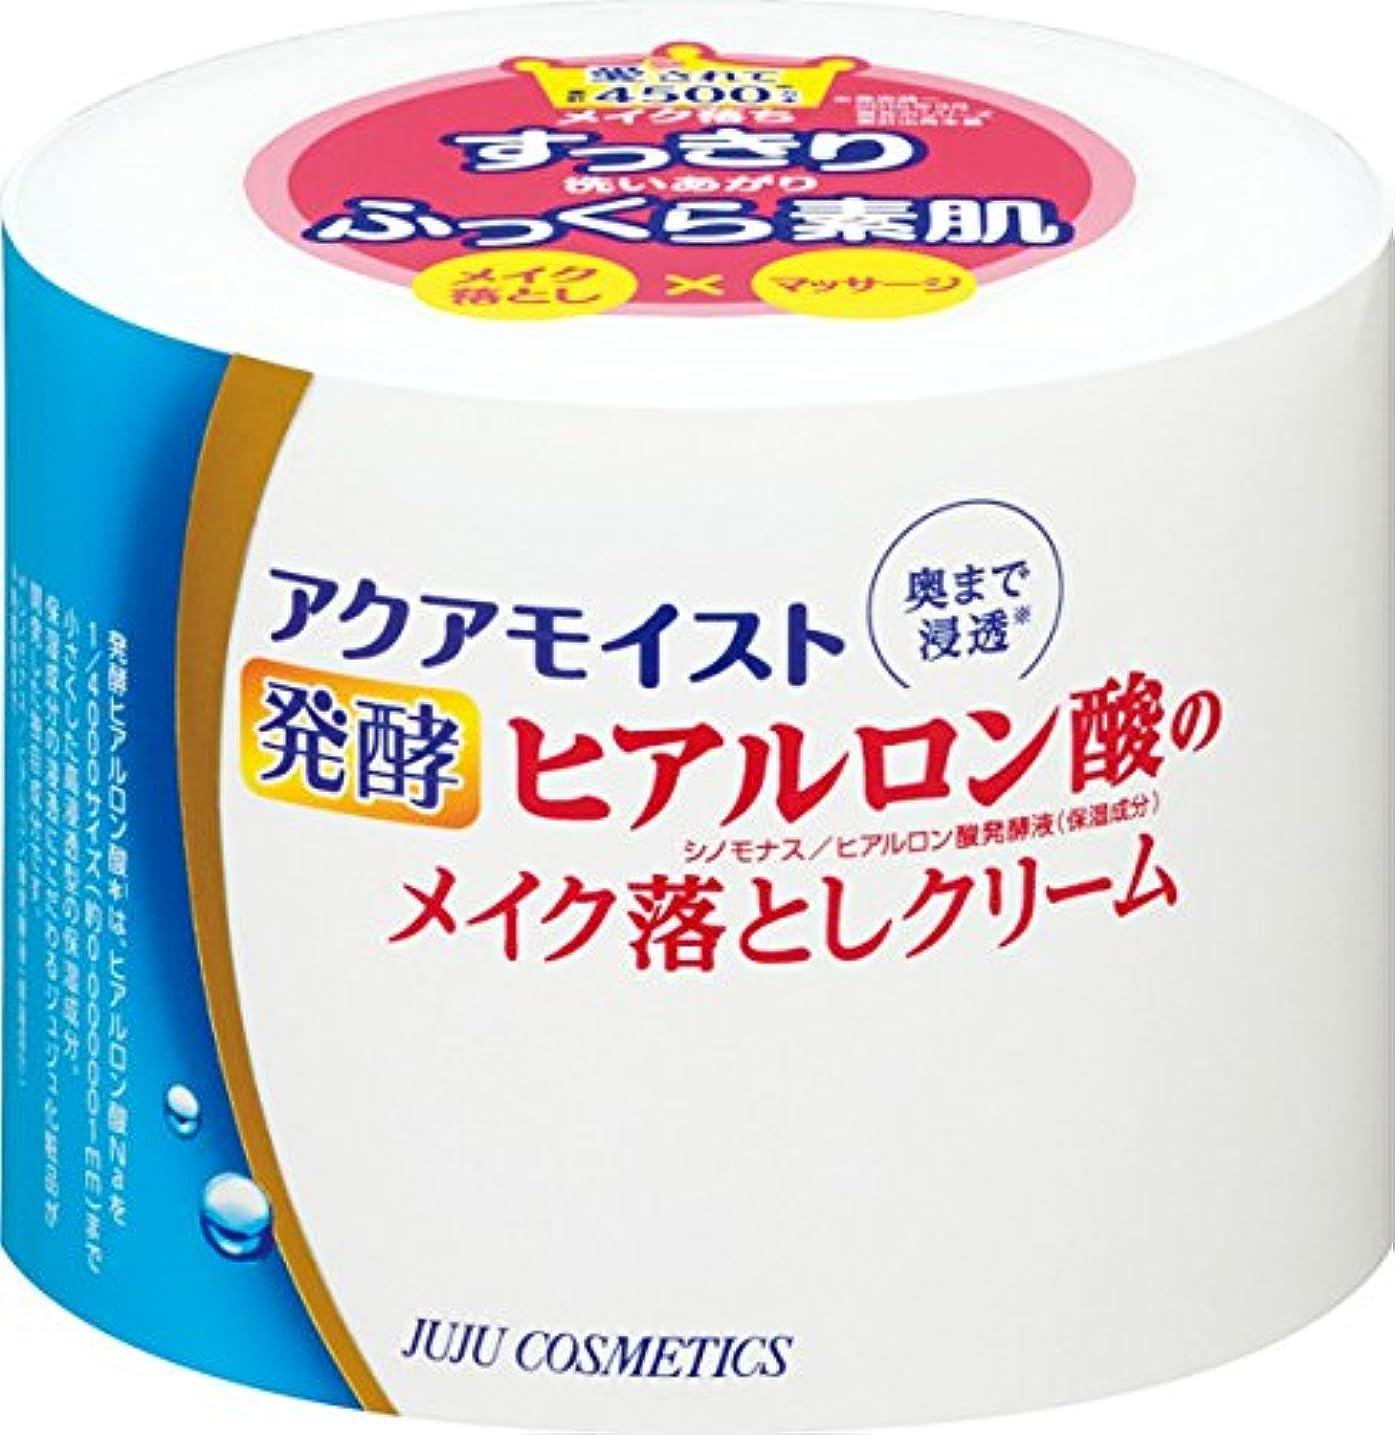 変動するカレッジサミュエルアクアモイスト 発酵ヒアルロン酸のメイク落としクリーム 160g